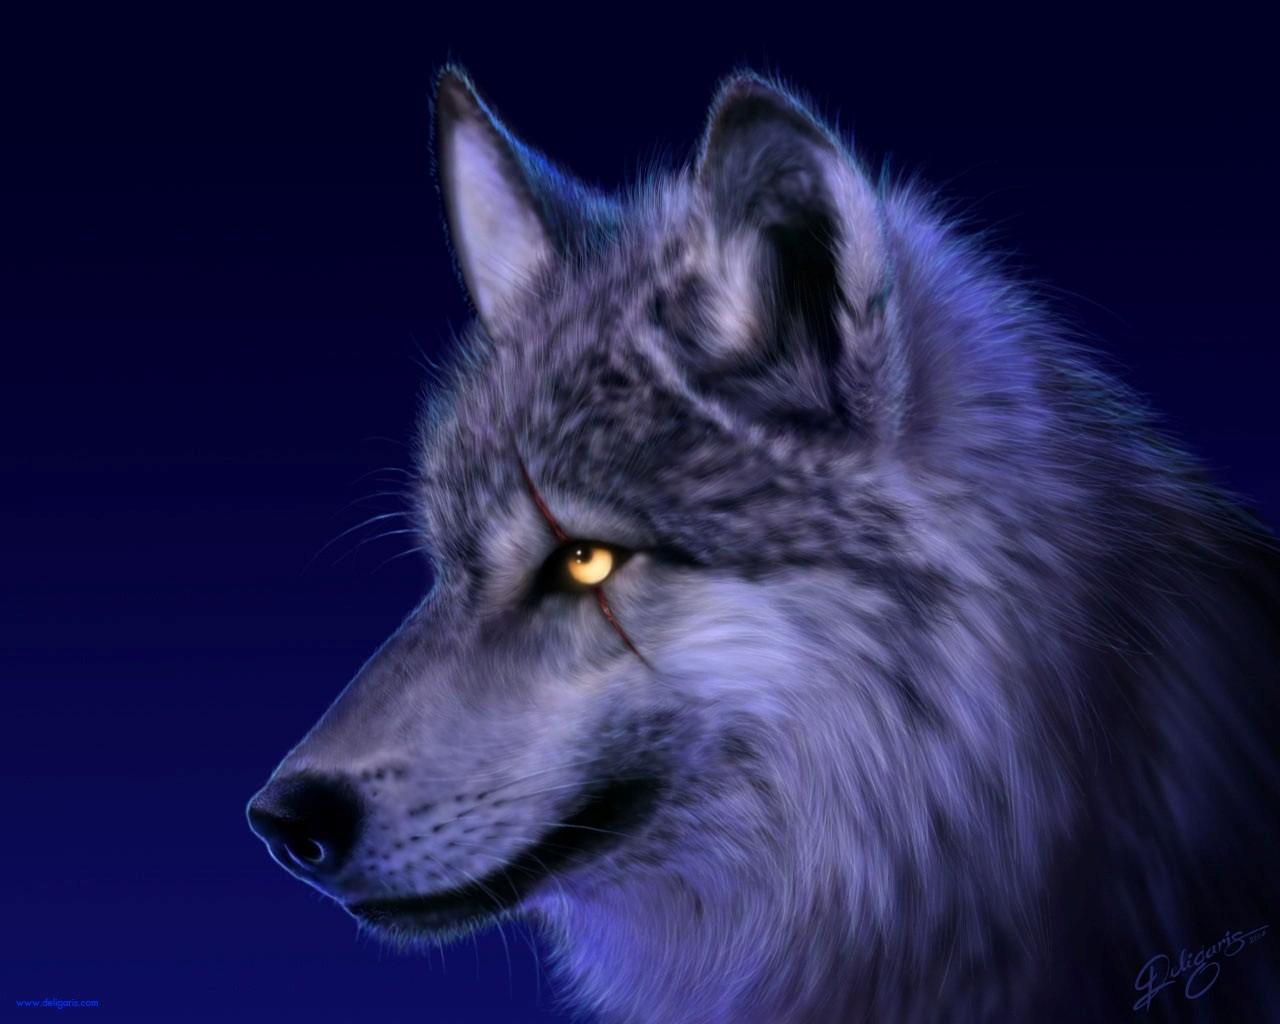 http://1.bp.blogspot.com/-CVxe06IgKlg/UEa3zfDDSKI/AAAAAAAABi4/JjhaOHUevlE/s1600/Wolf%2BWallpapers%2BWidescreen%2B5.jpg